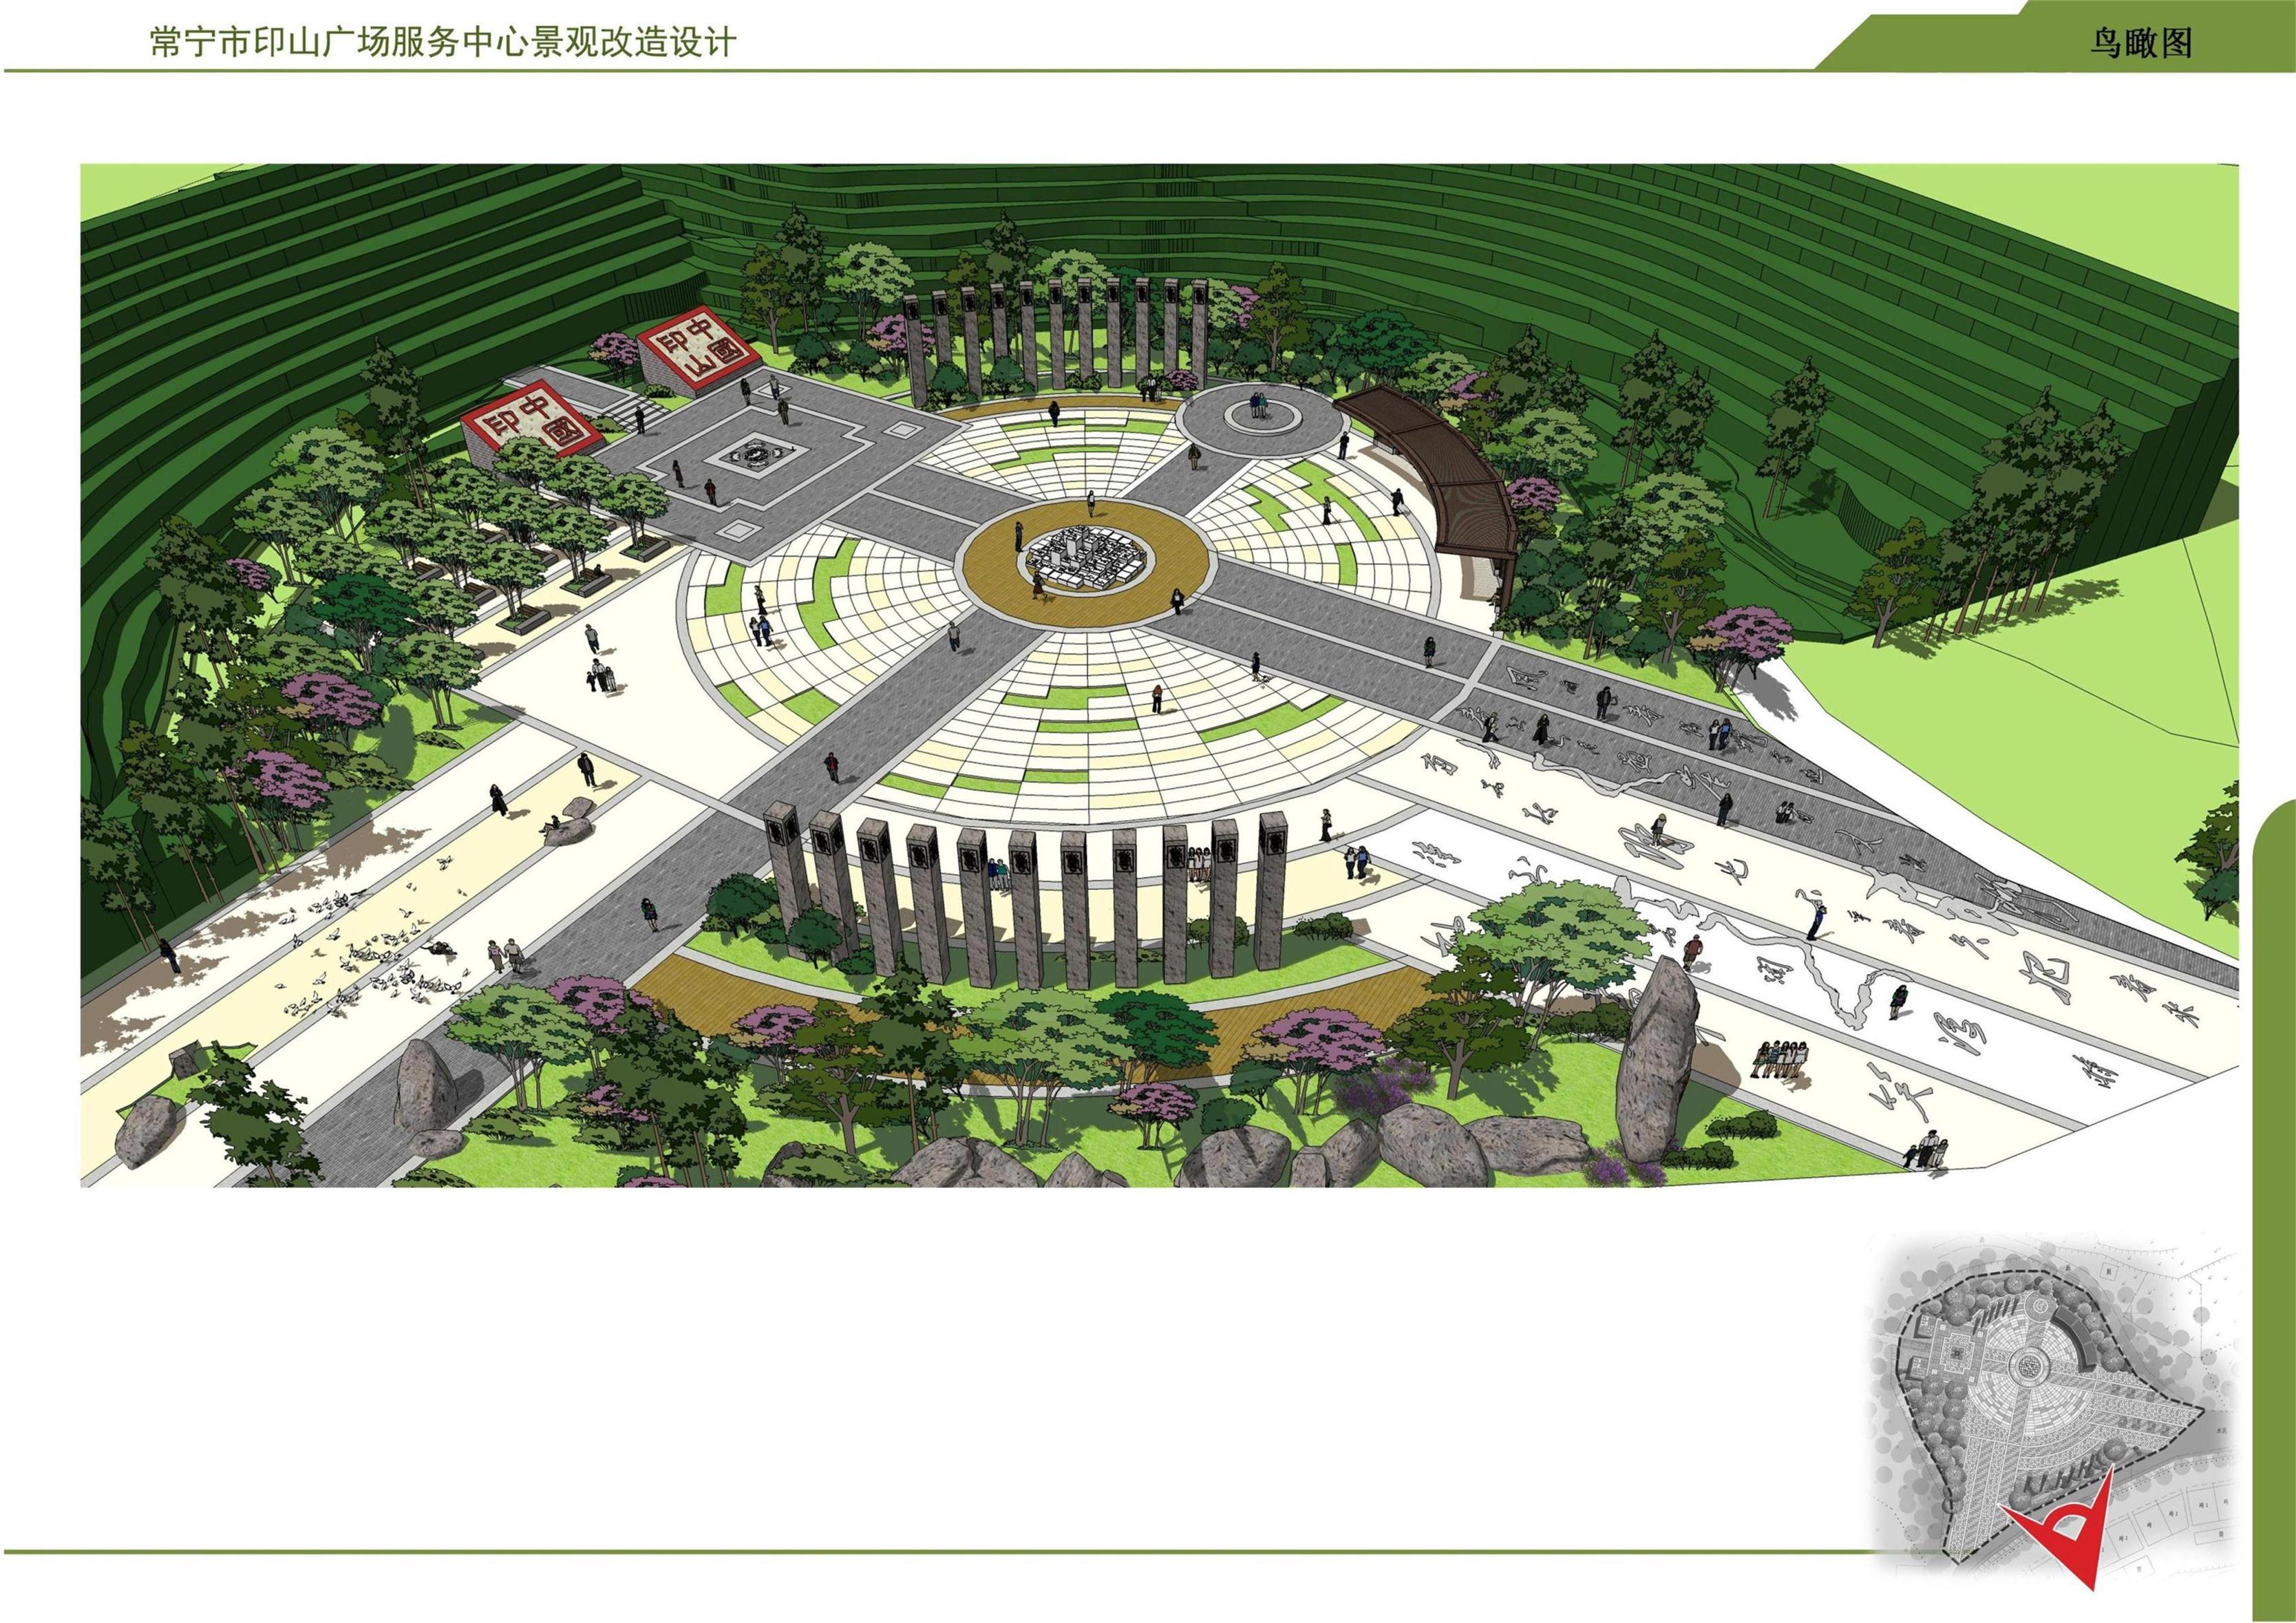 中国印山文化旅游区景观设计